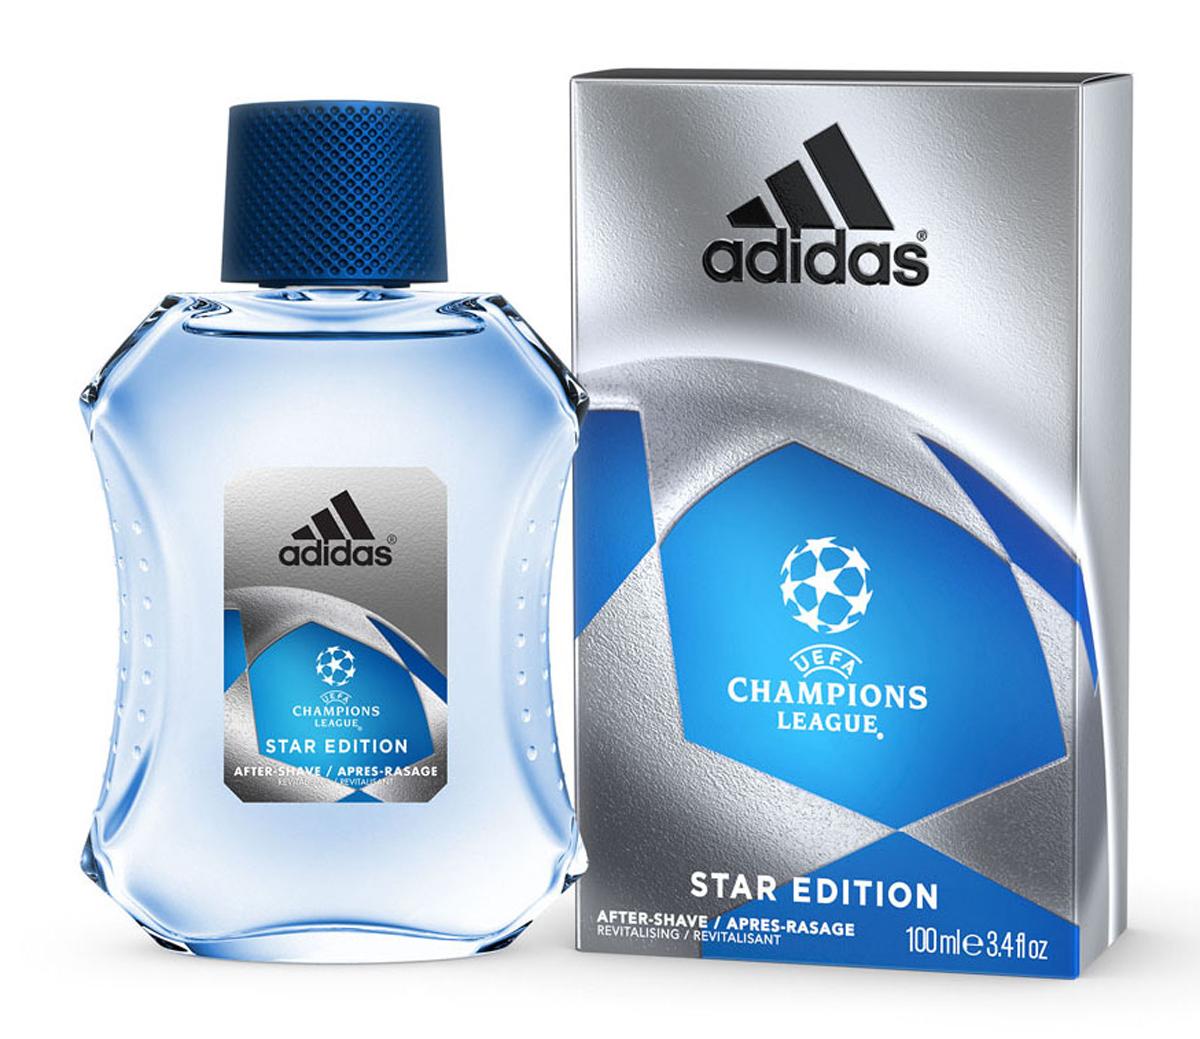 Adidas Лосьон после бритья UEFA II Champions League Star EdItion, 100 мл15339135_без подаркаЛосьон после бритья Adidas UEFA Champions League Star Edition содержит формулу со специальным комплексом skin protect complex, который защищает кожу, уменьшает раздражение, заряжает энергией. Основные компоненты комплекса: - аллантоин увлажняет и успокаивает кожу, заживляет мелкие порезы; - витамины защищают кожу от антиоксидантов; - минеральные соли заряжают энергией и тонизируют; - спирт обладает антибактериальным действием; - UF фильтры защищают кожу от ультра фиолетовых лучей.